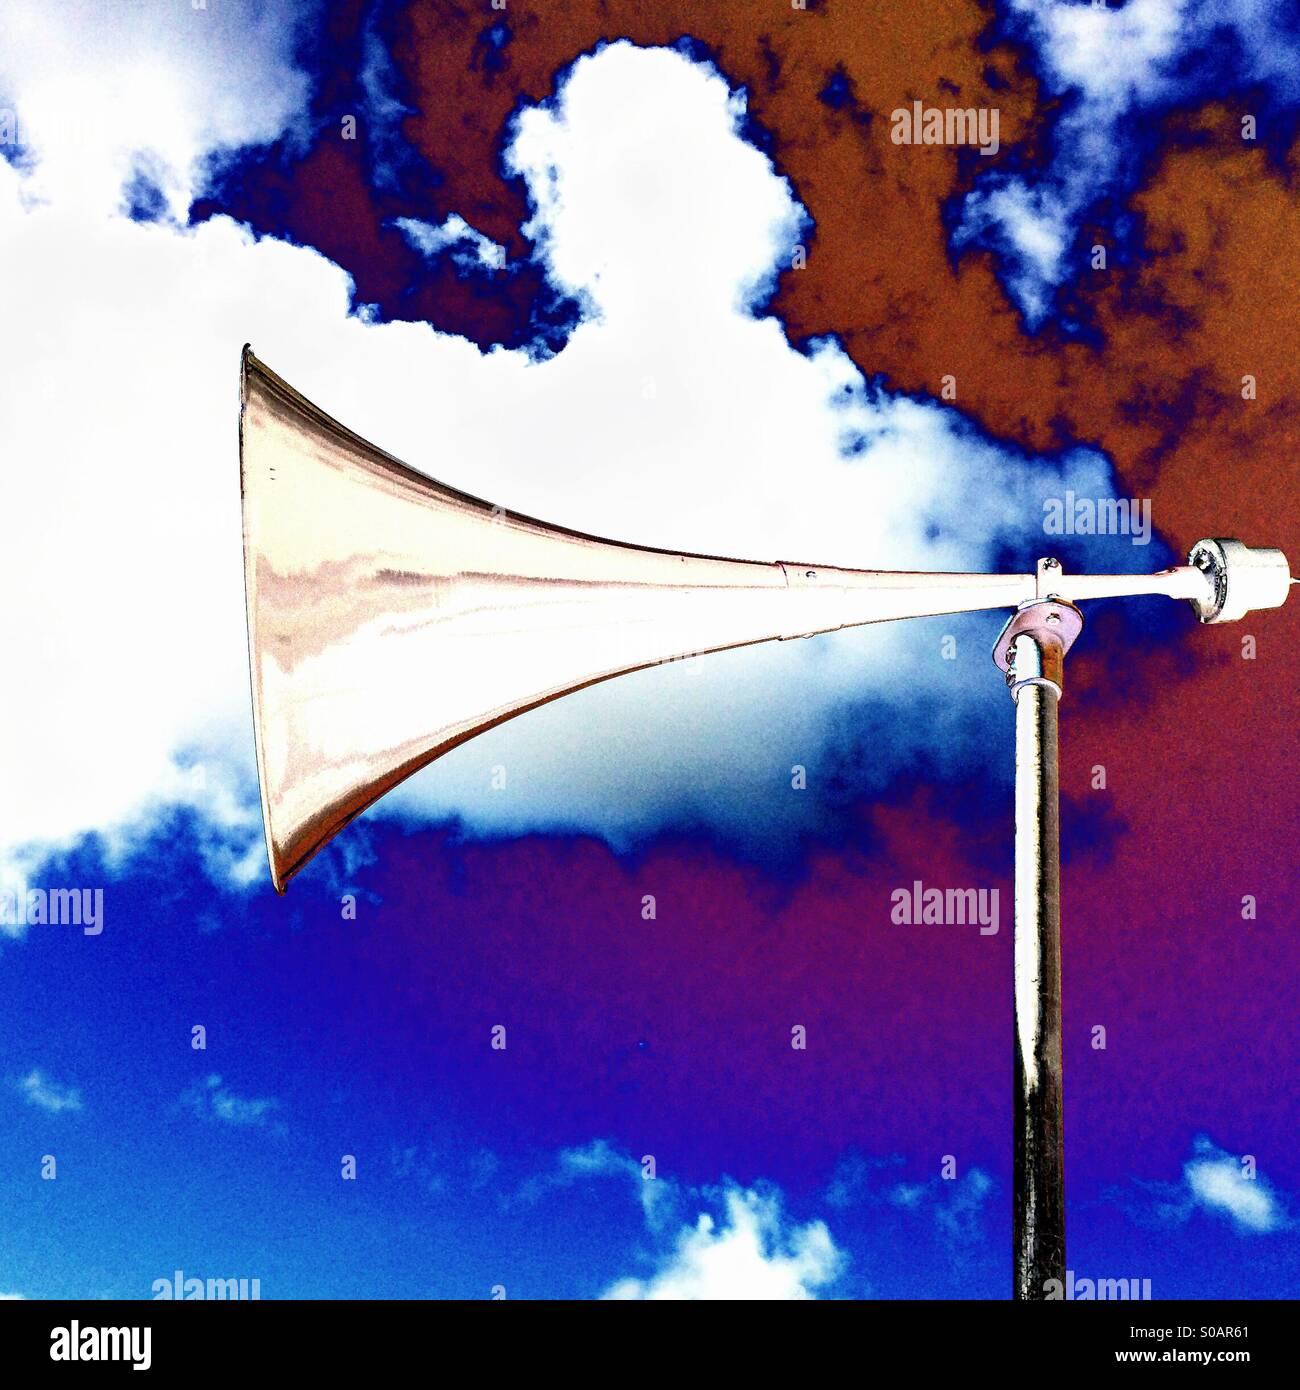 Loudspeaker loudhailer outside - Stock Image